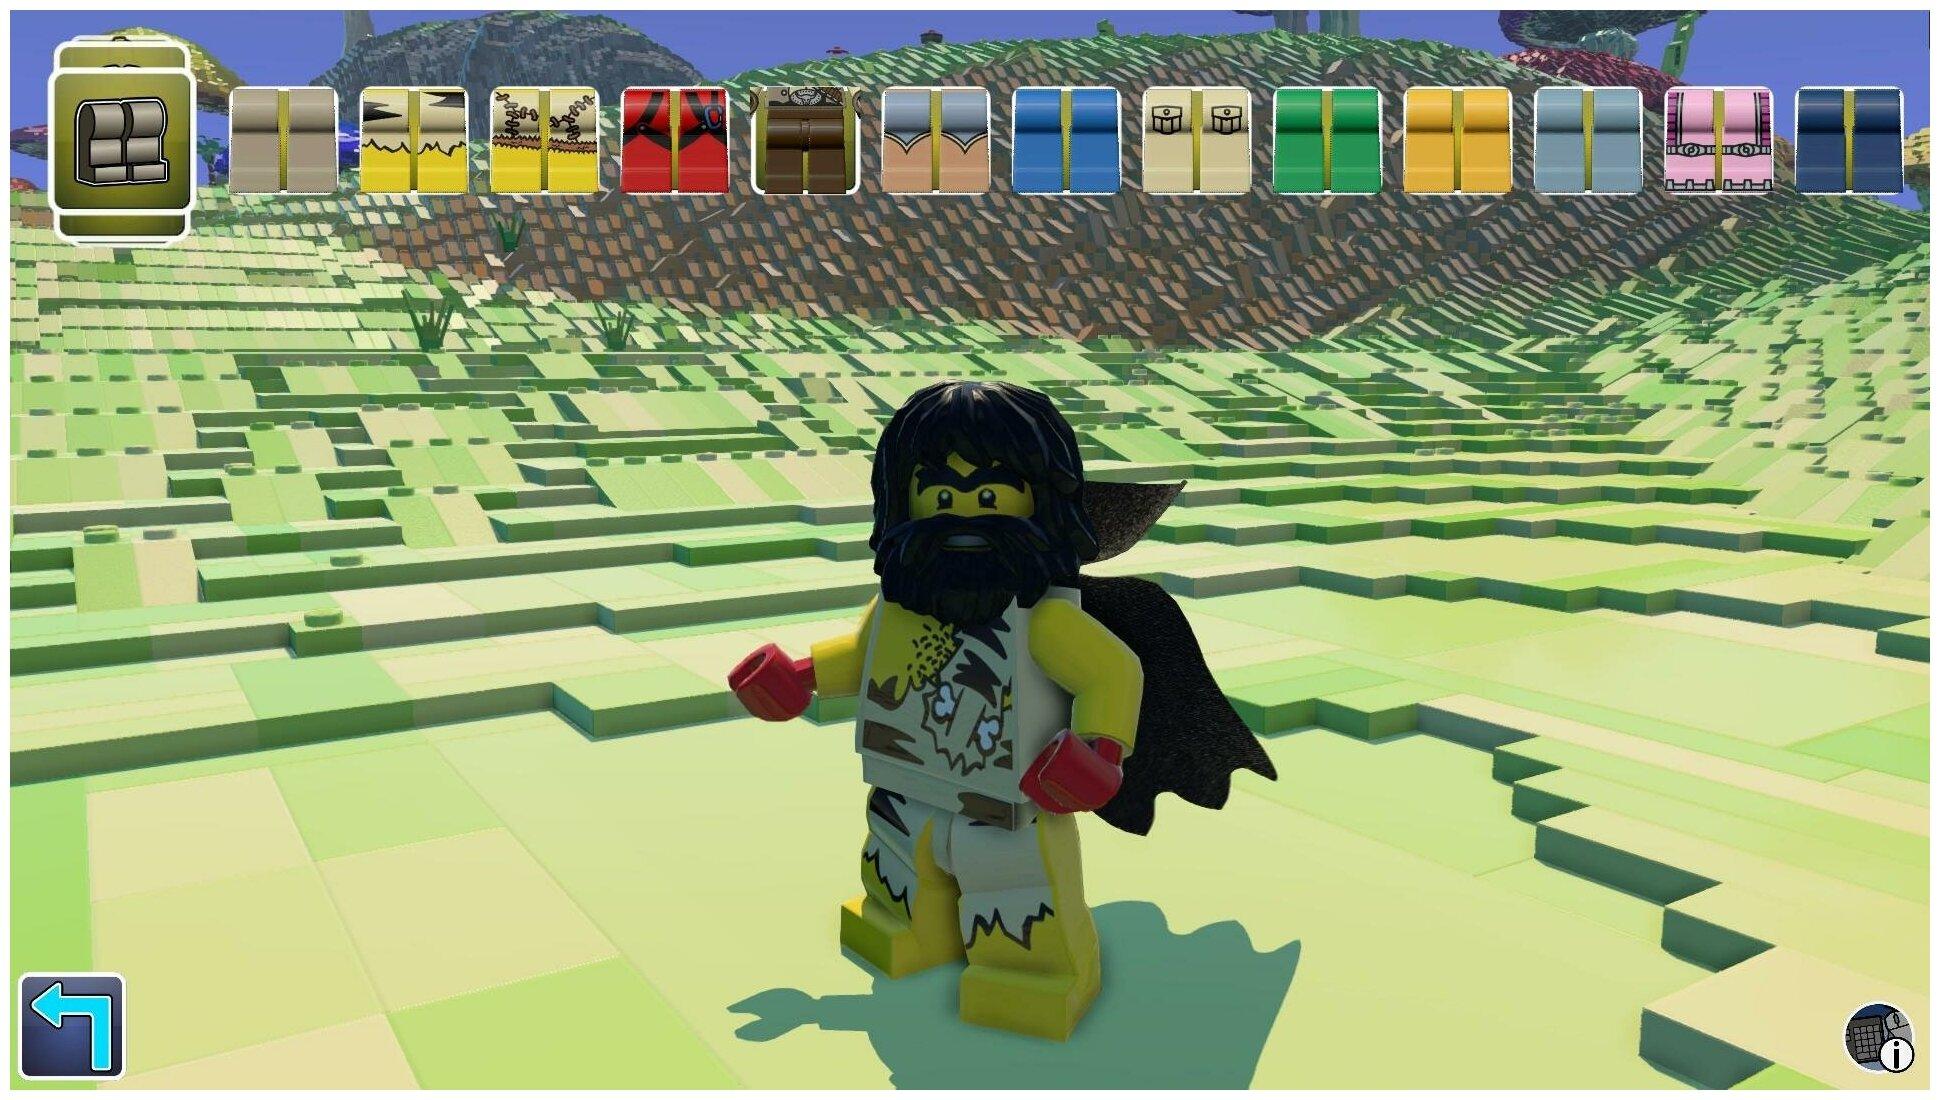 лего игры майнкрафт #3